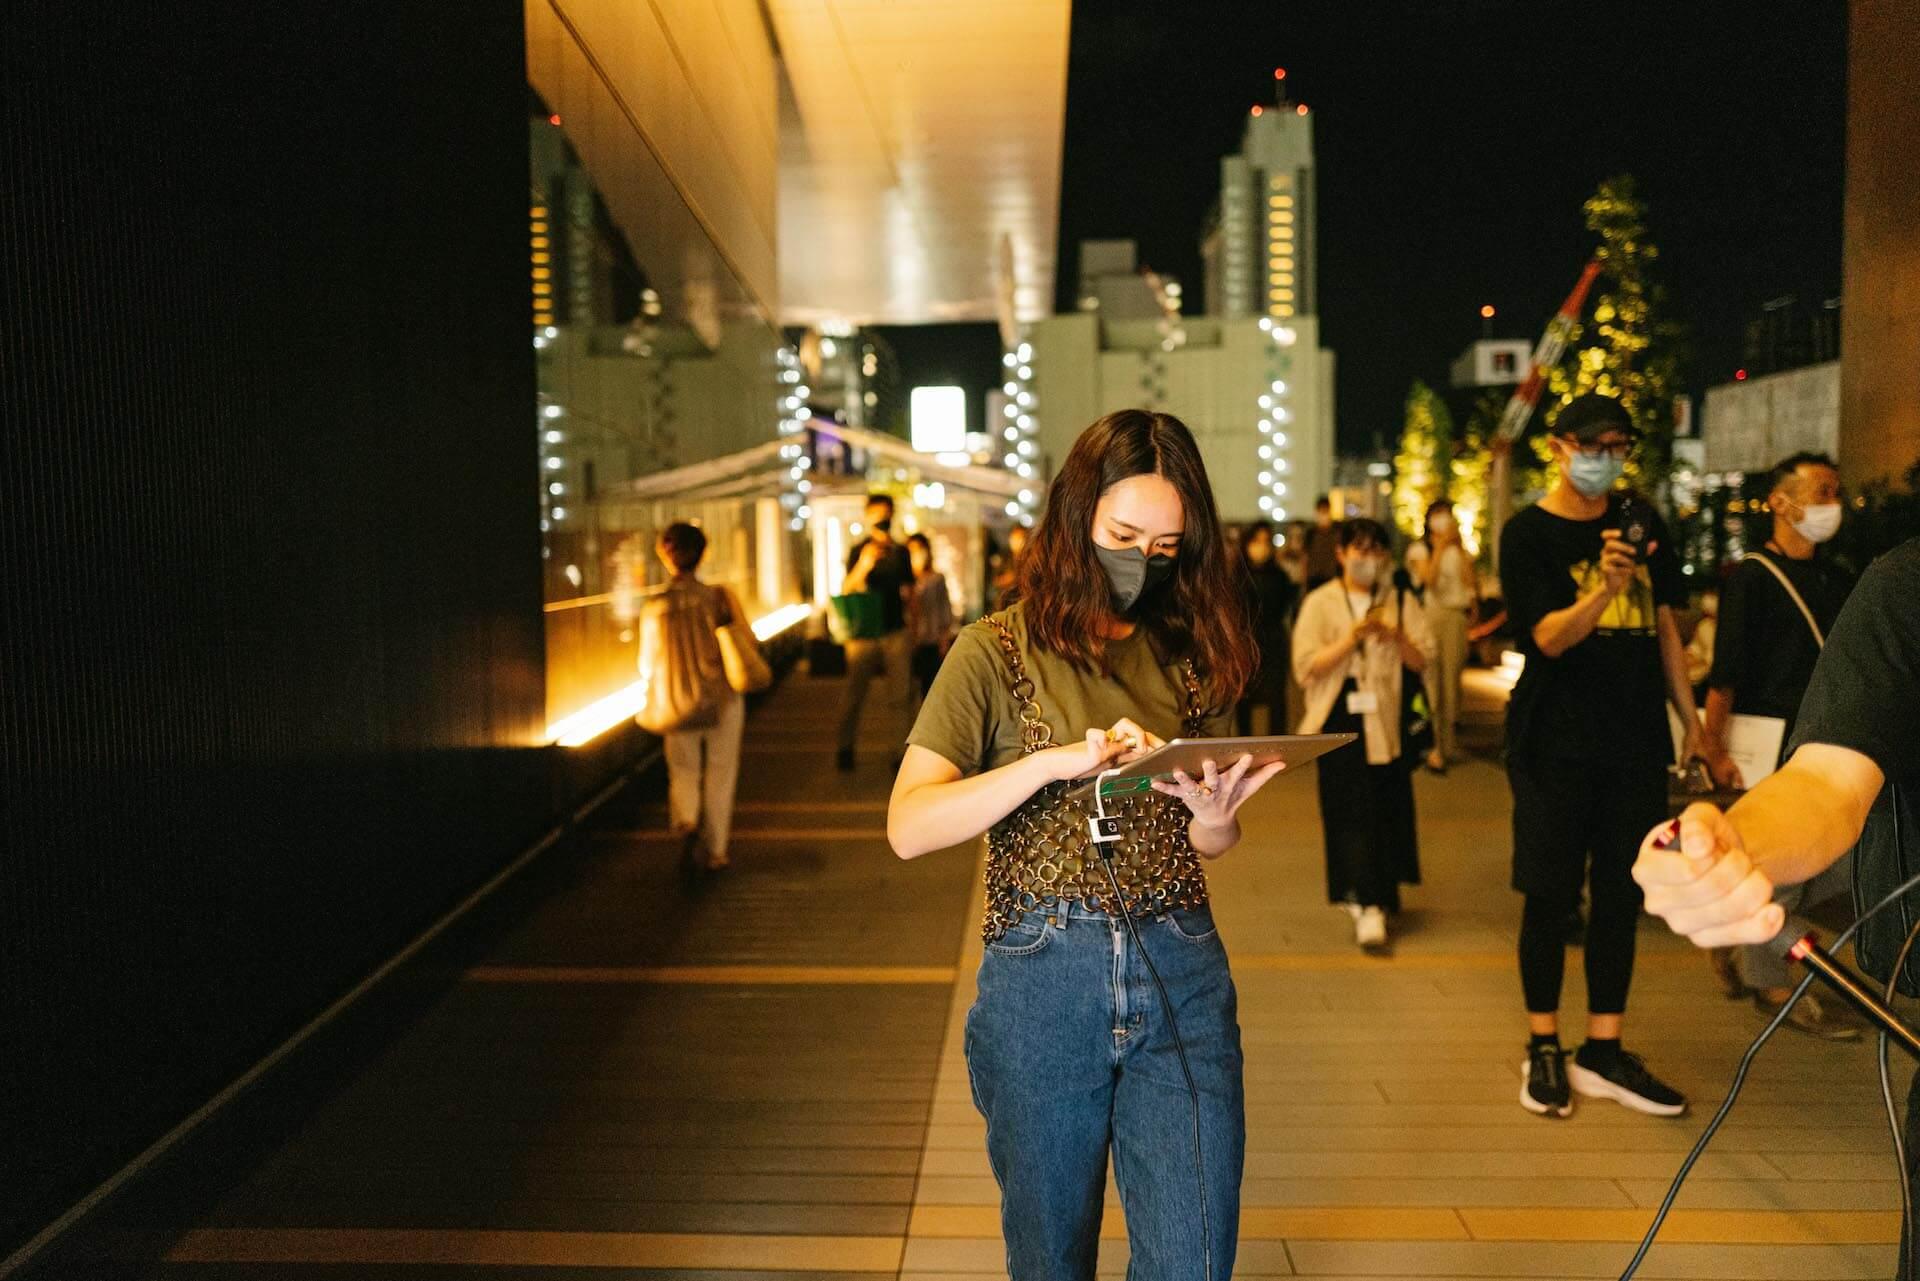 Keeenue × MAPP_ × ヒカリエデッキ|渋谷の夕景を彩るライブパフォーマンス column210802_mapp_your_world-04